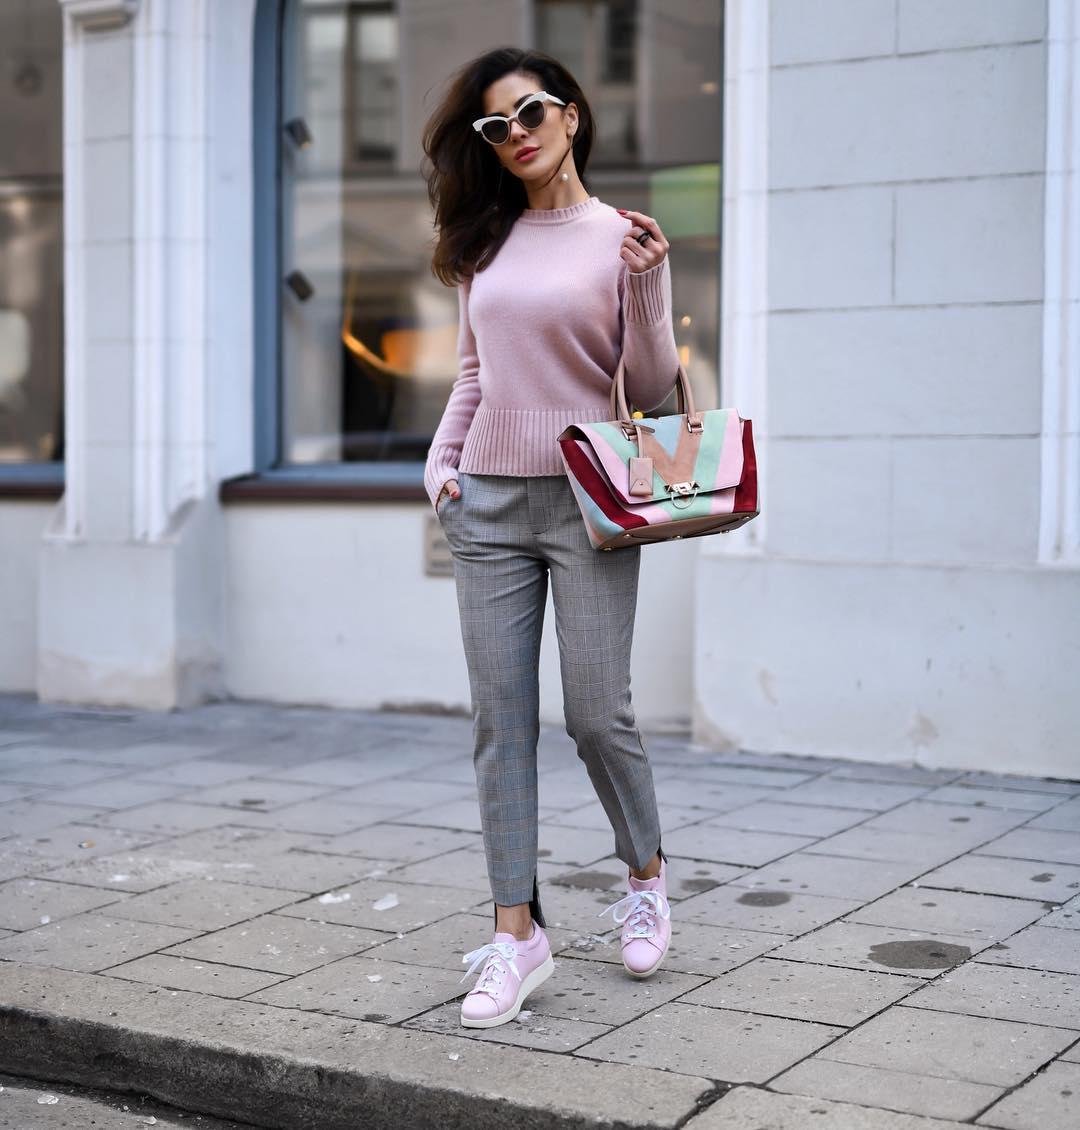 модные образы весна-лето 2019 для женщин после 40 фото_59